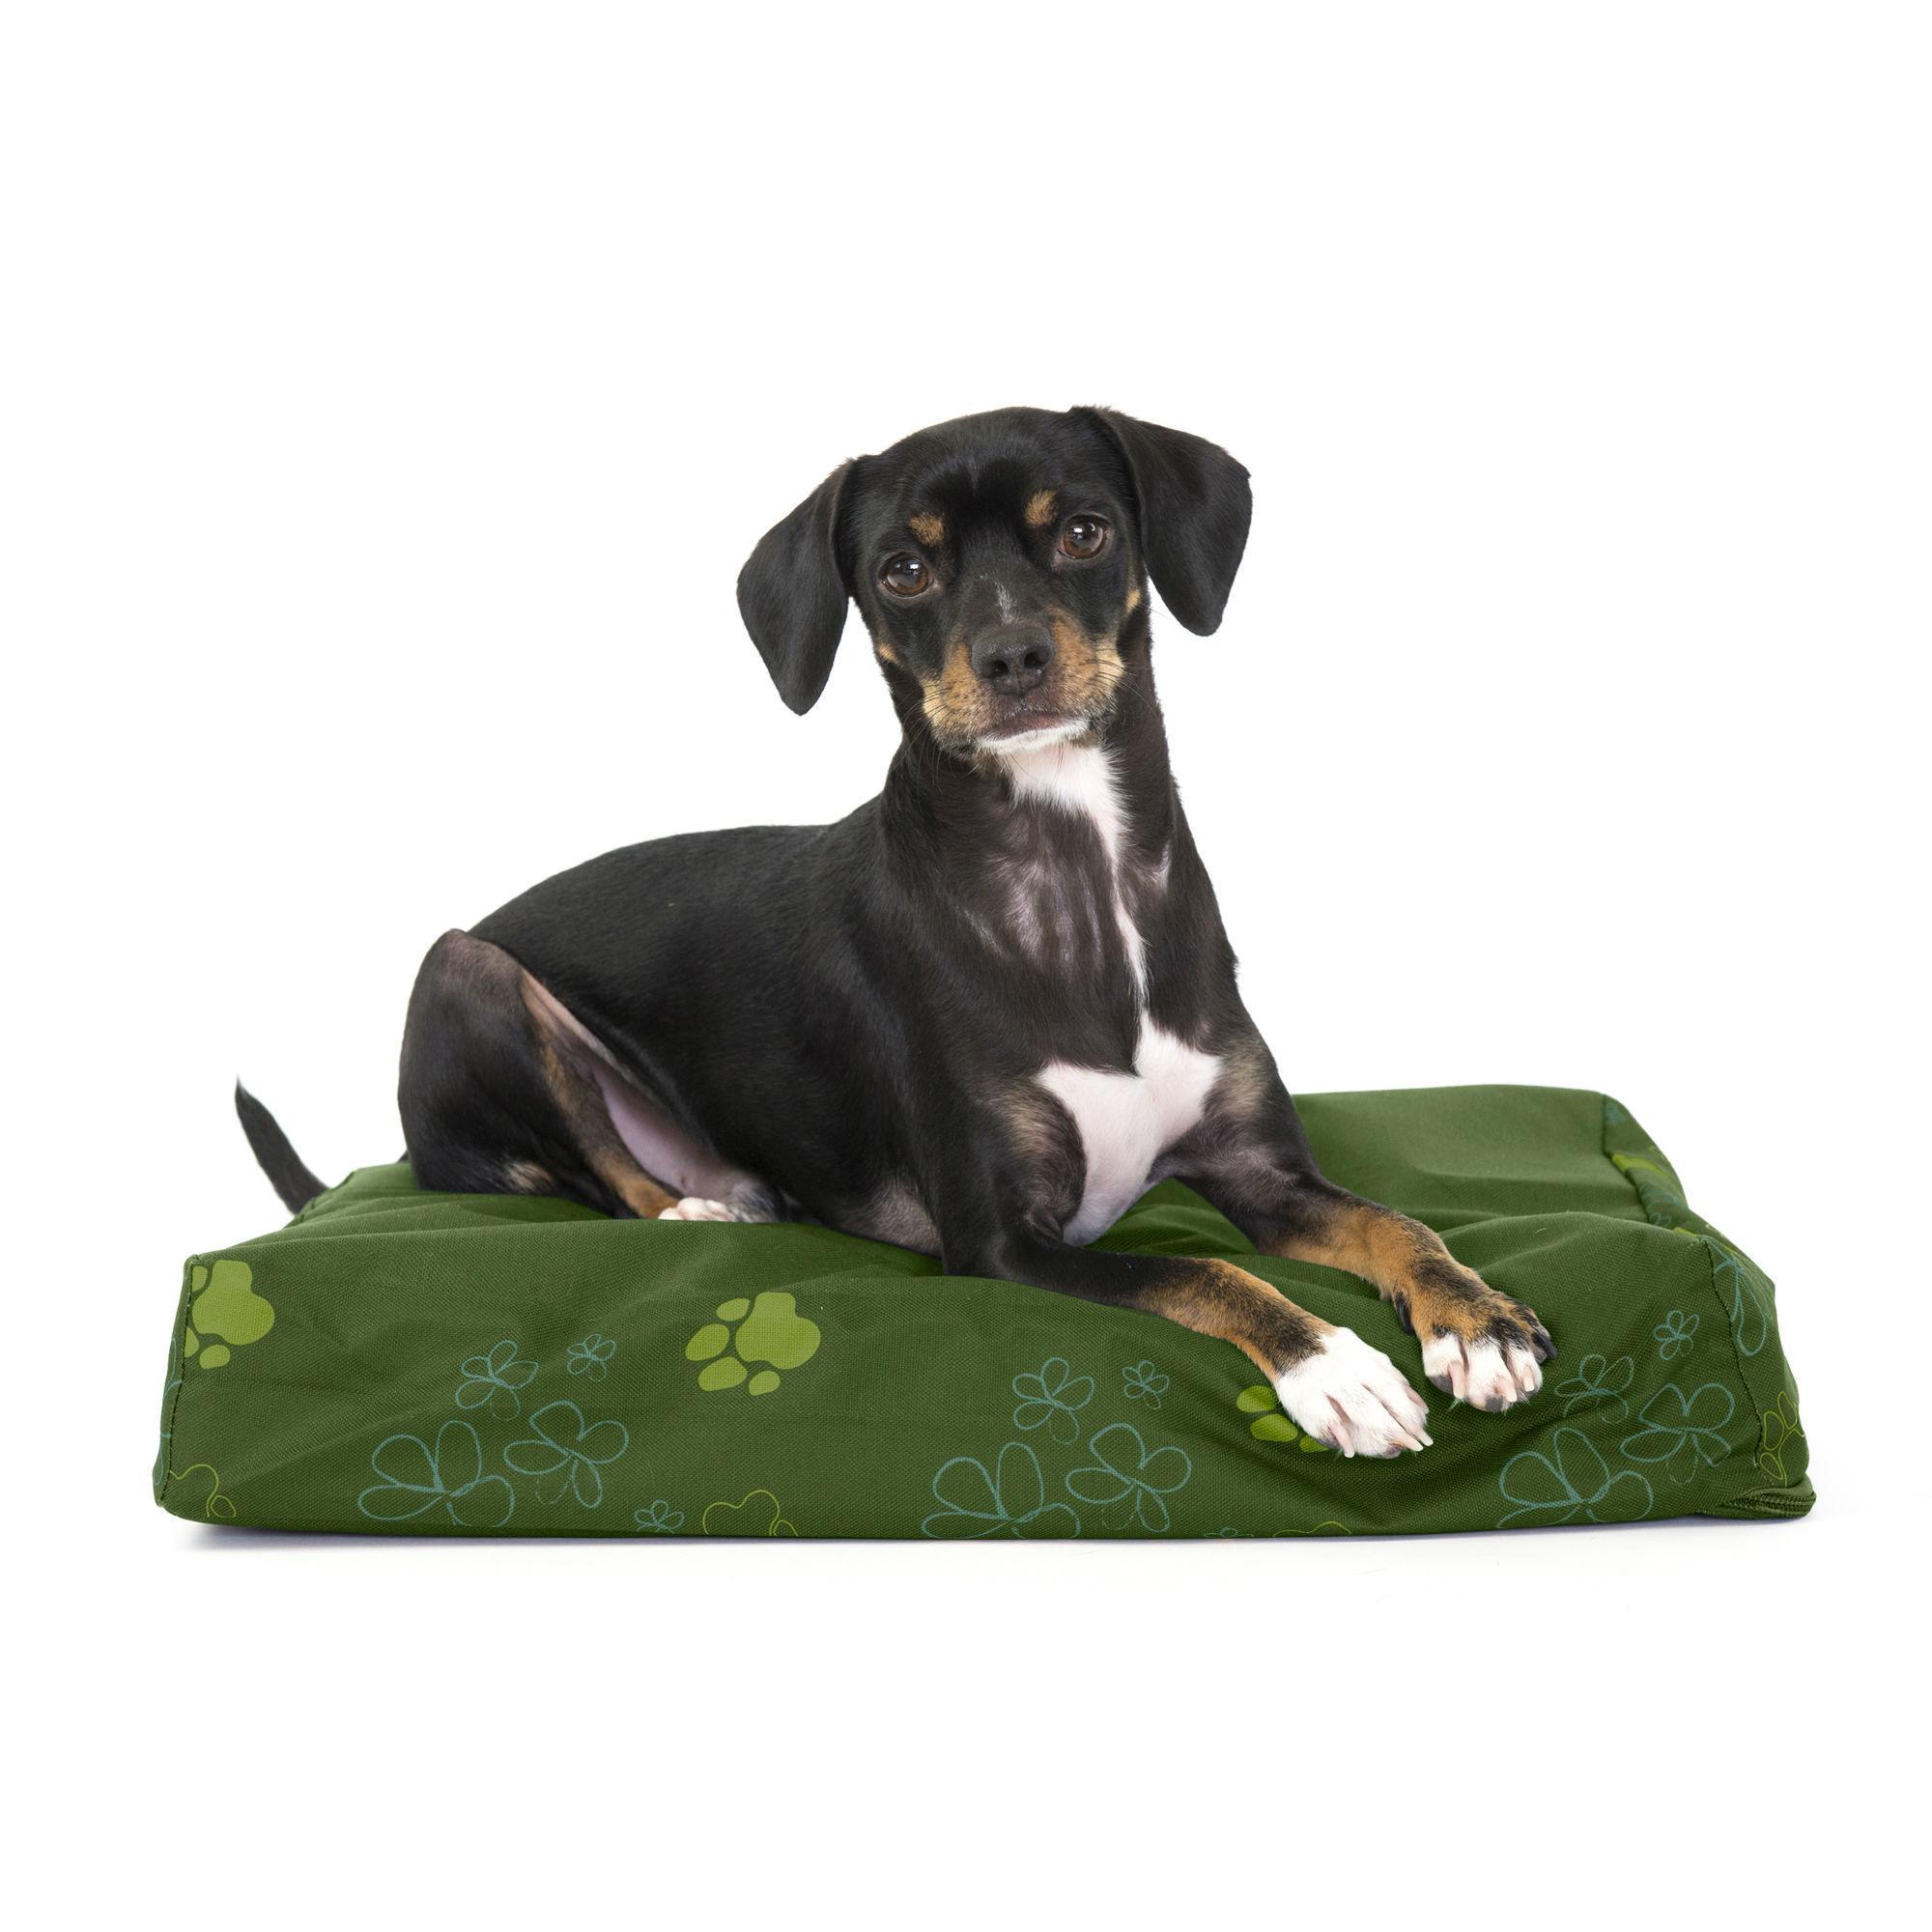 FurHaven Deluxe Indoor/Outdoor Garden Orthopedic Pet Bed - Jungle Green